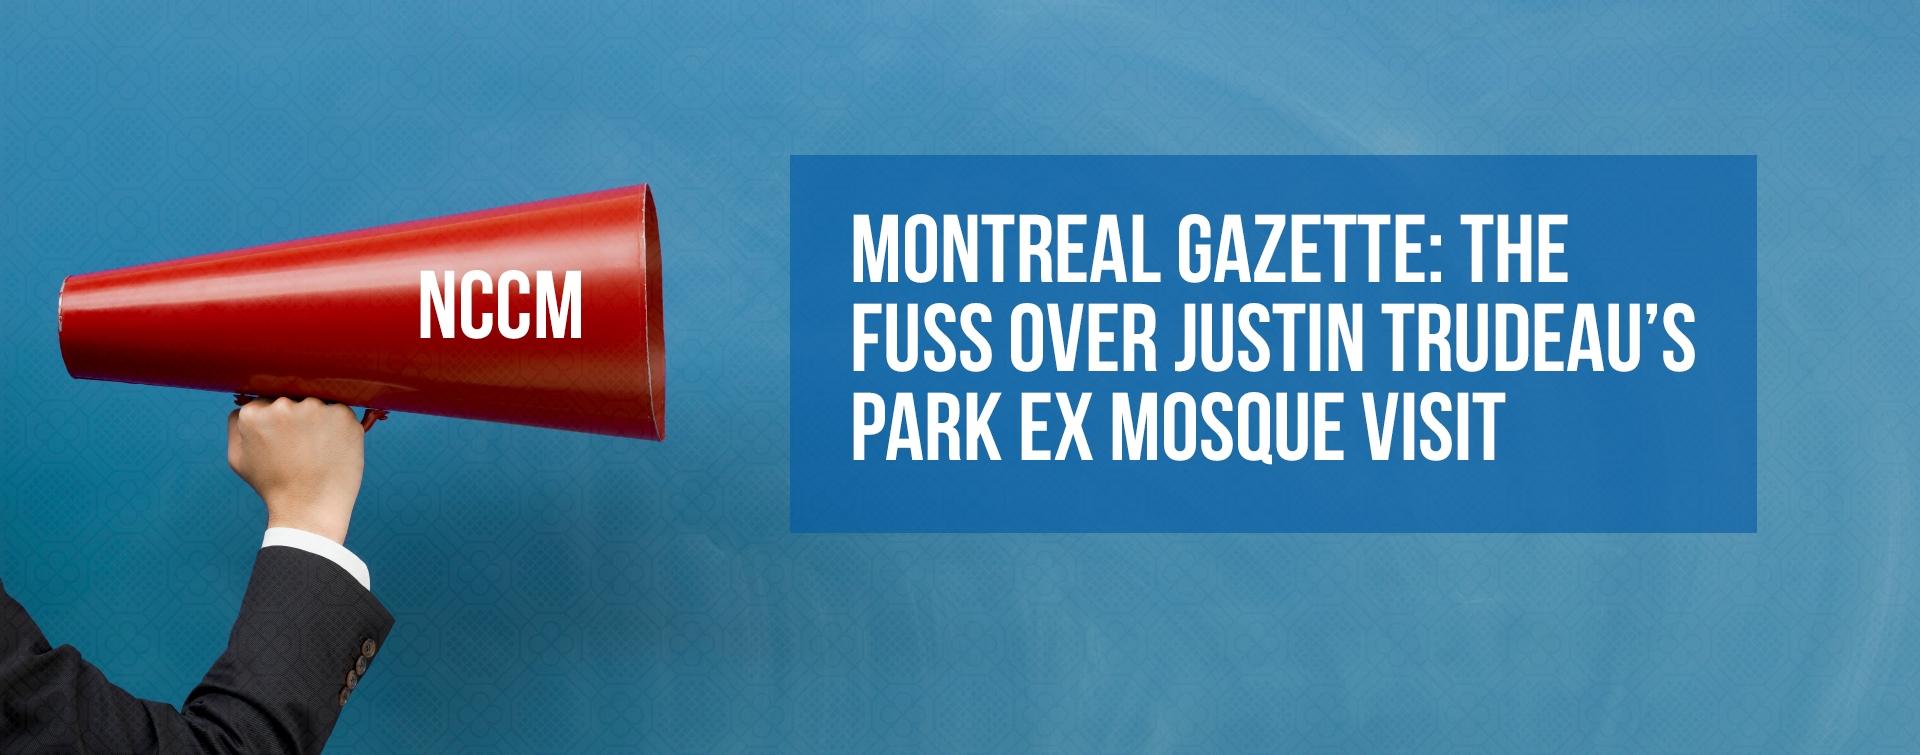 MontrealGazette_14Aug_2014